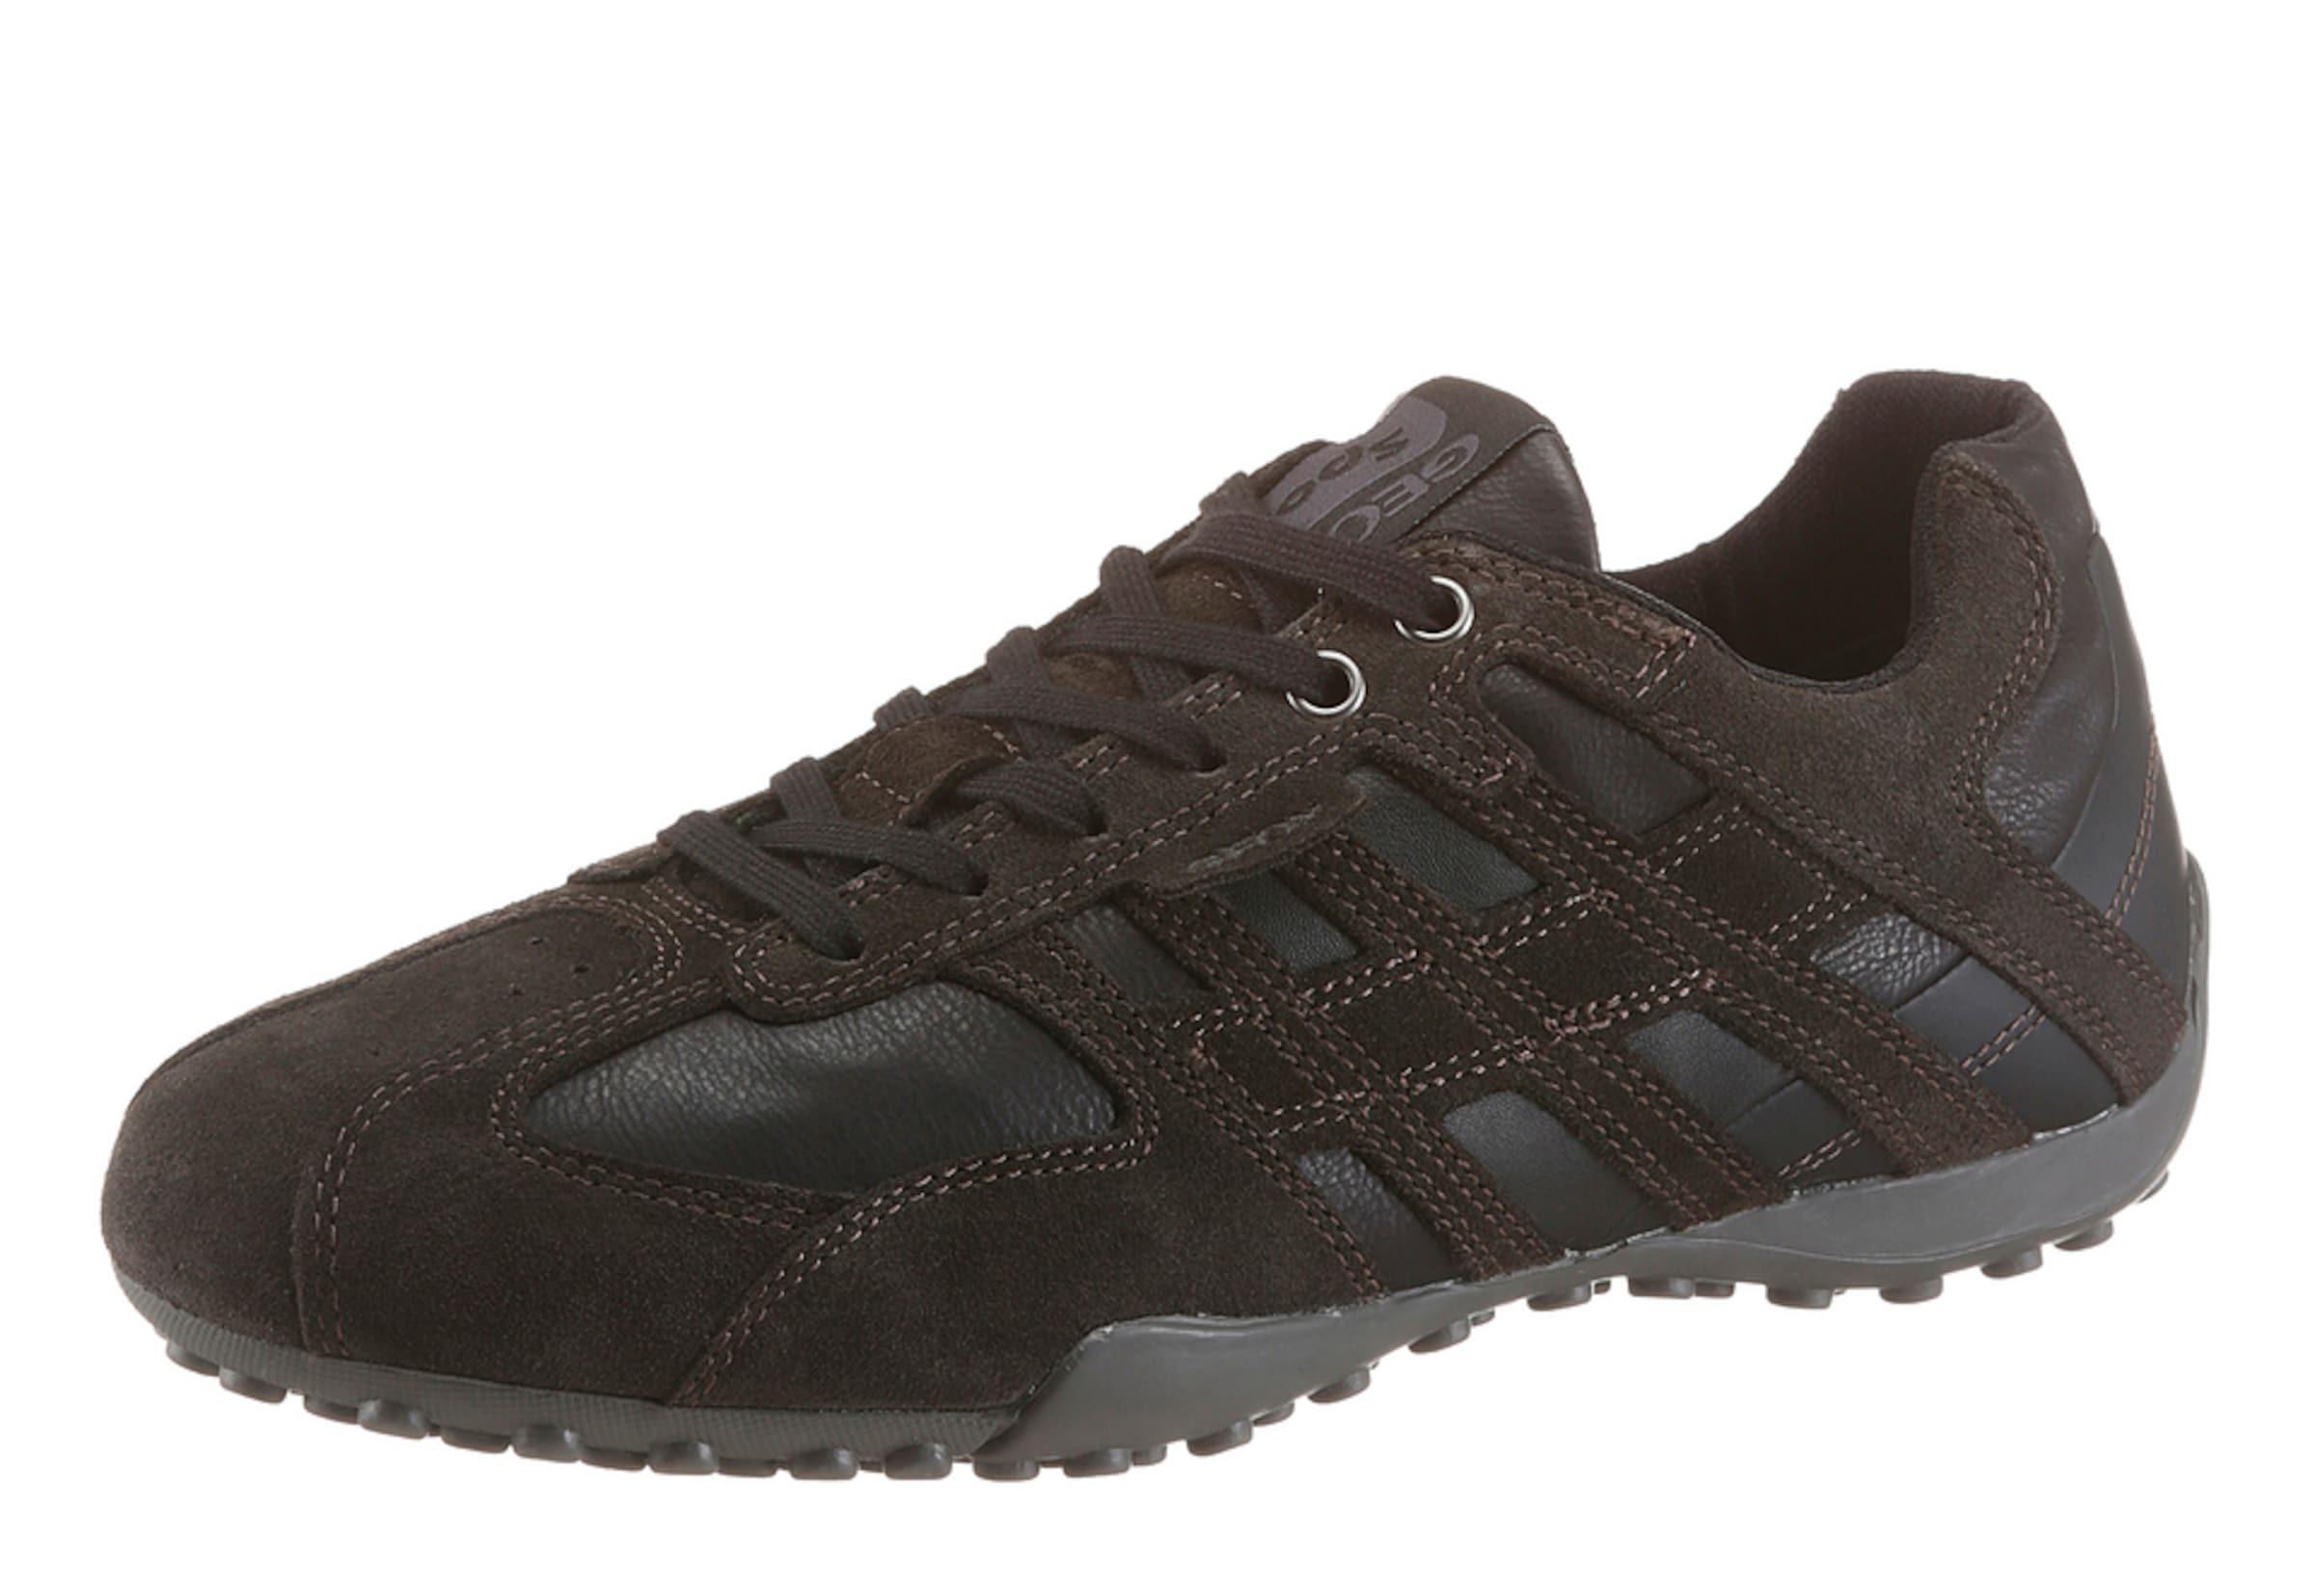 GEOX Schnürer Verschleißfeste billige Schuhe Hohe Qualität